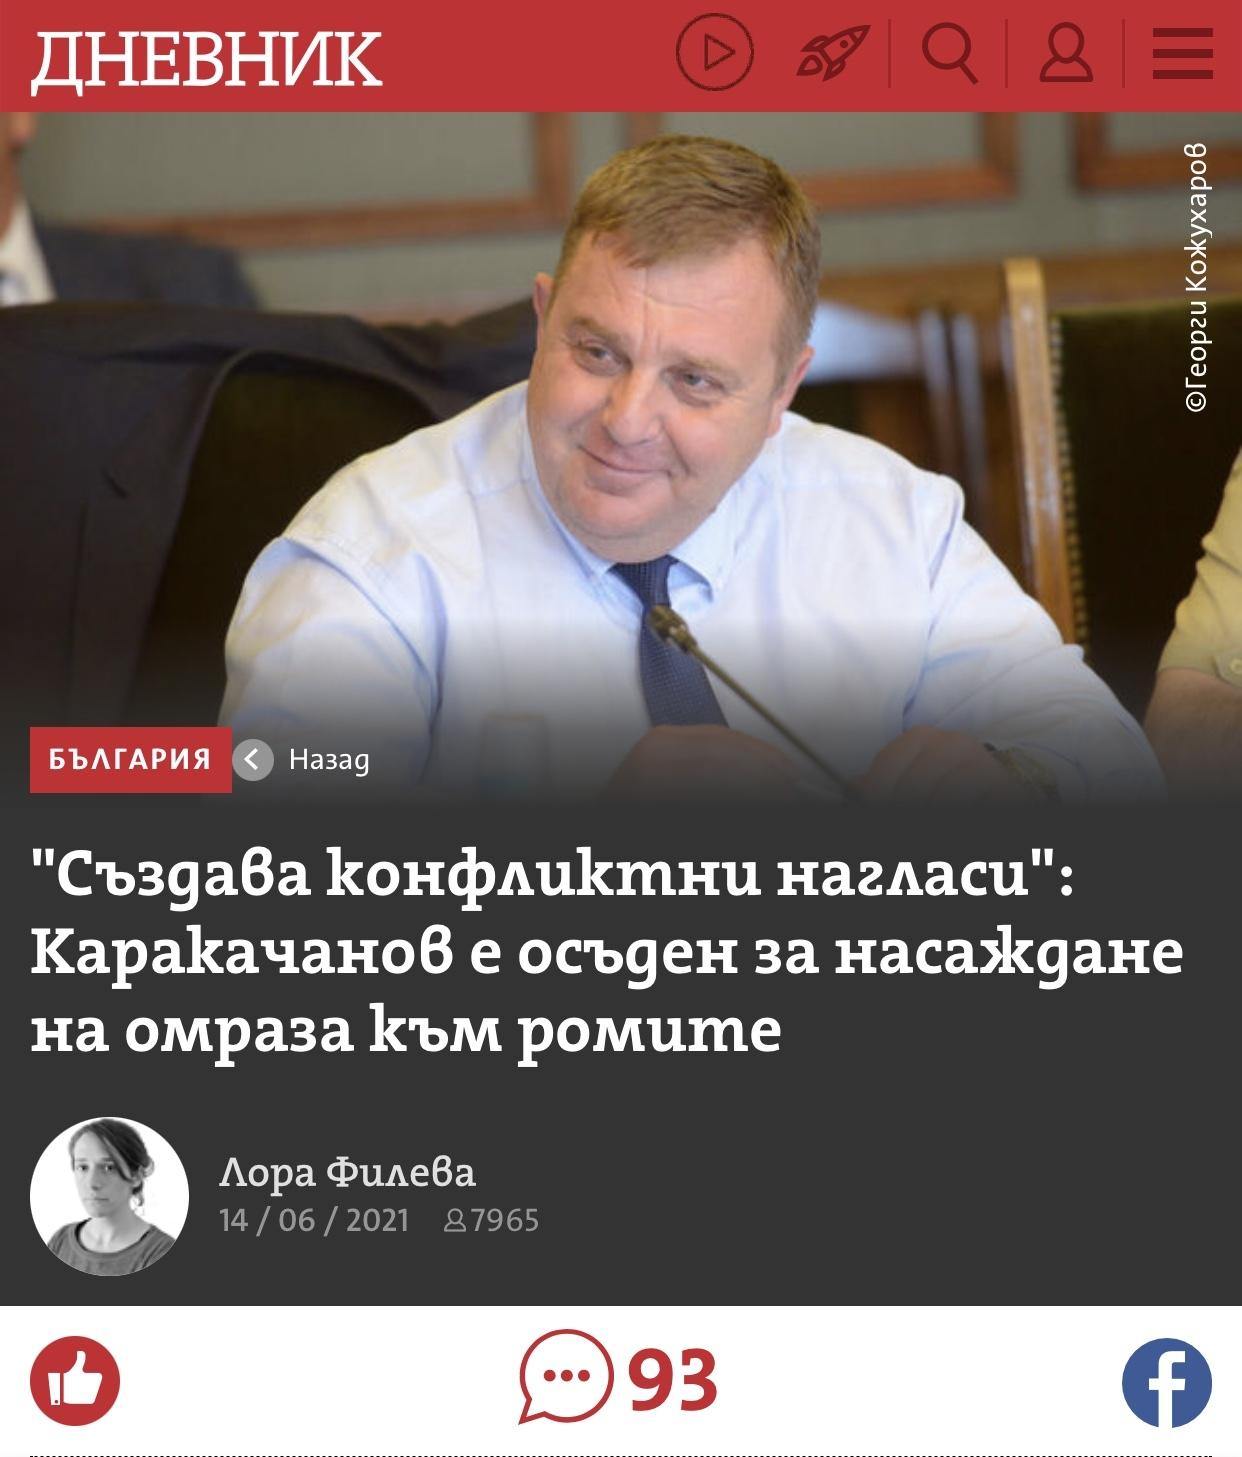 Председателят на ВМРО Красимир Каракачанов не е осъден за насаждане